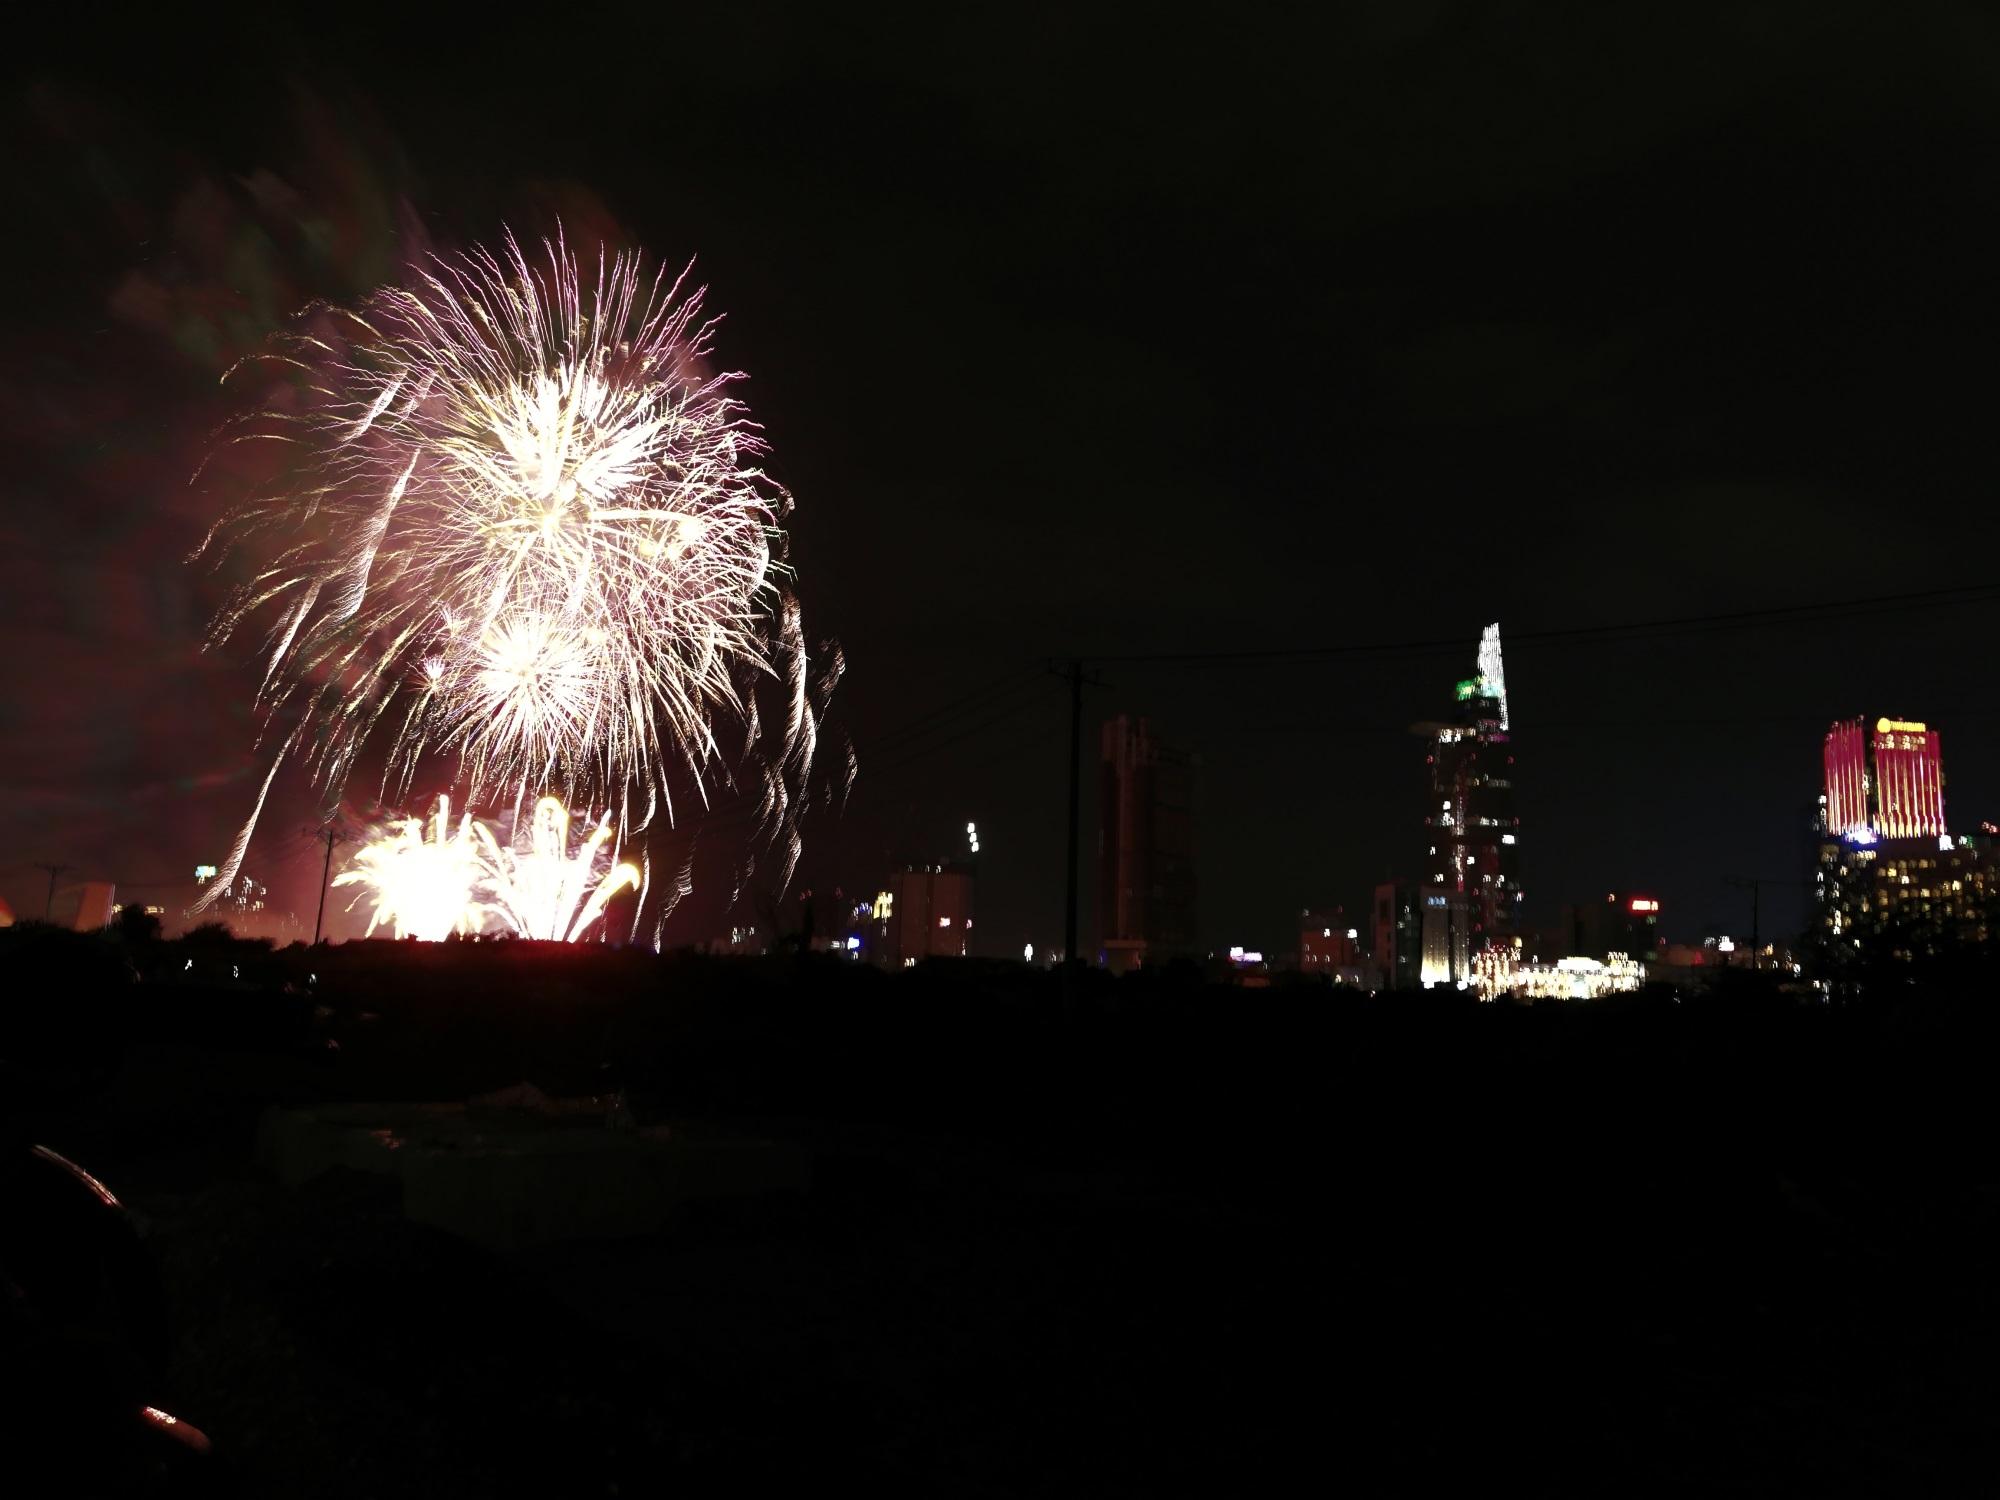 Hàng triệu người dân Sài Gòn xuống phố đón màn pháo hoa rực rỡ mừng năm mới 2019 - Ảnh 4